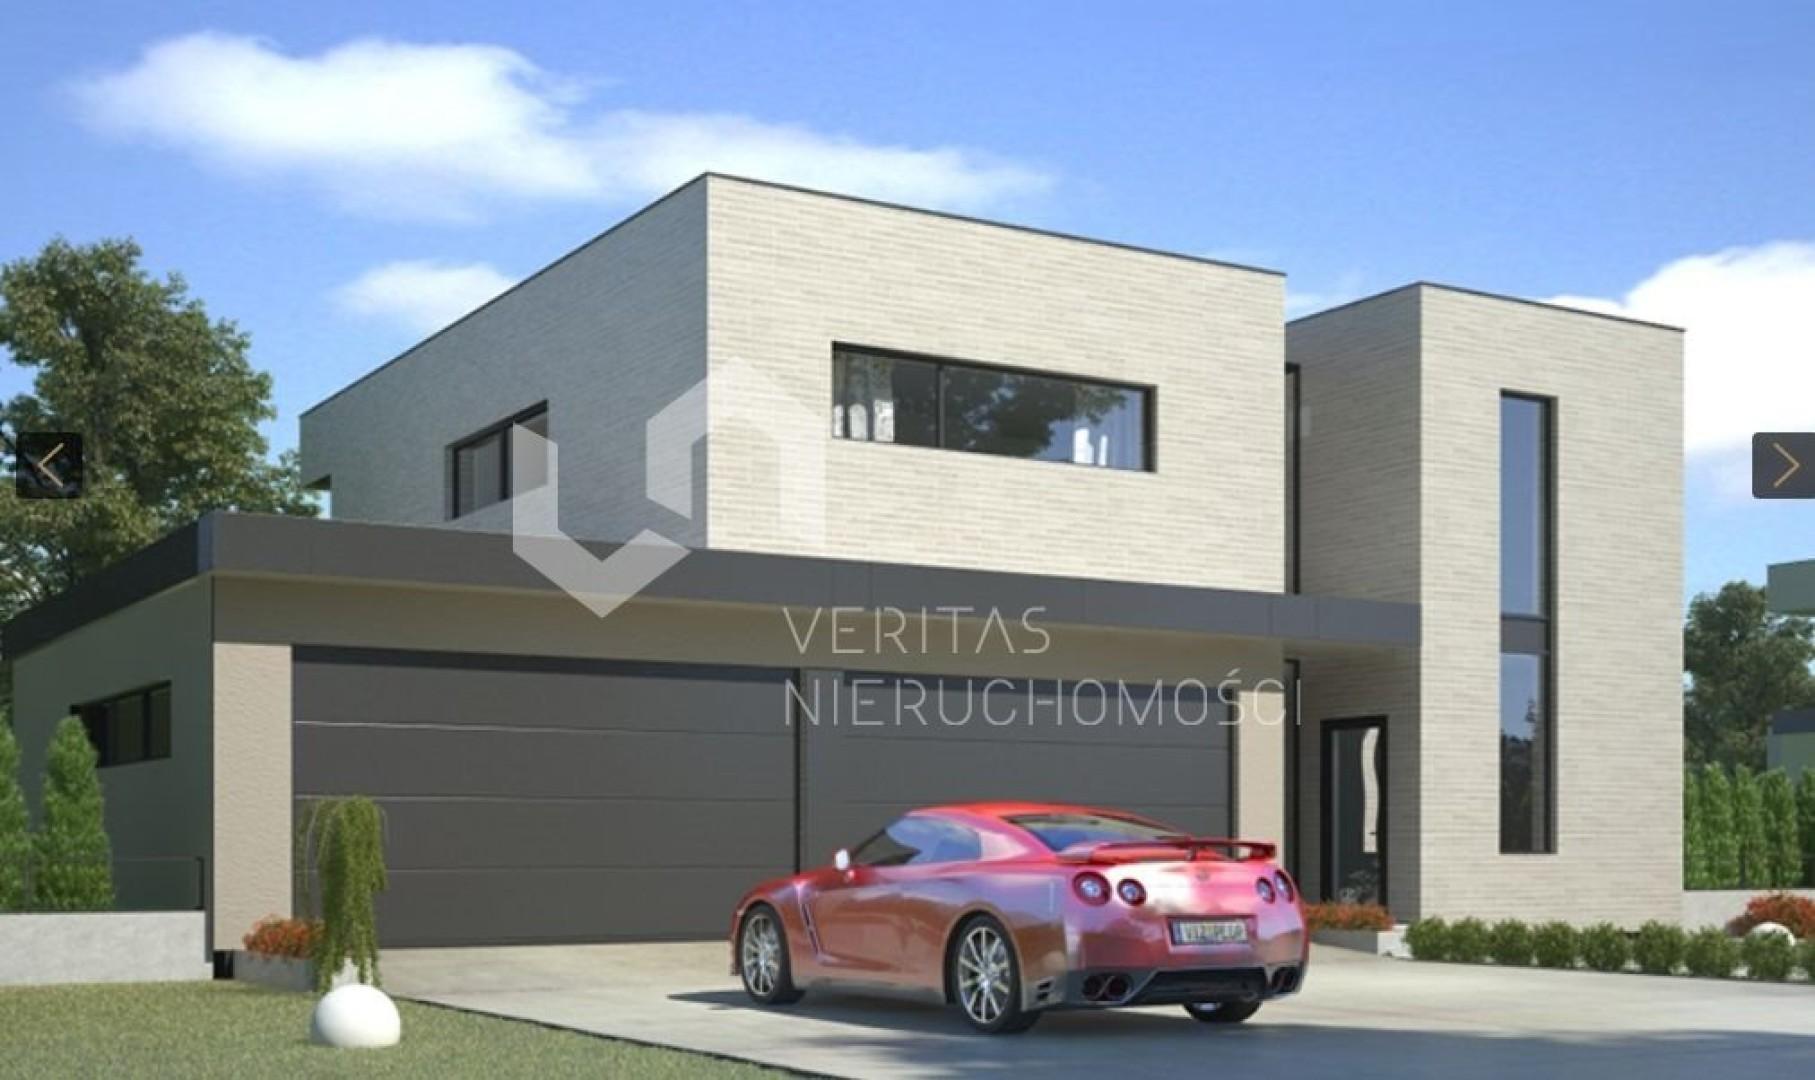 Dom na sprzedaz - Ruda Śląska